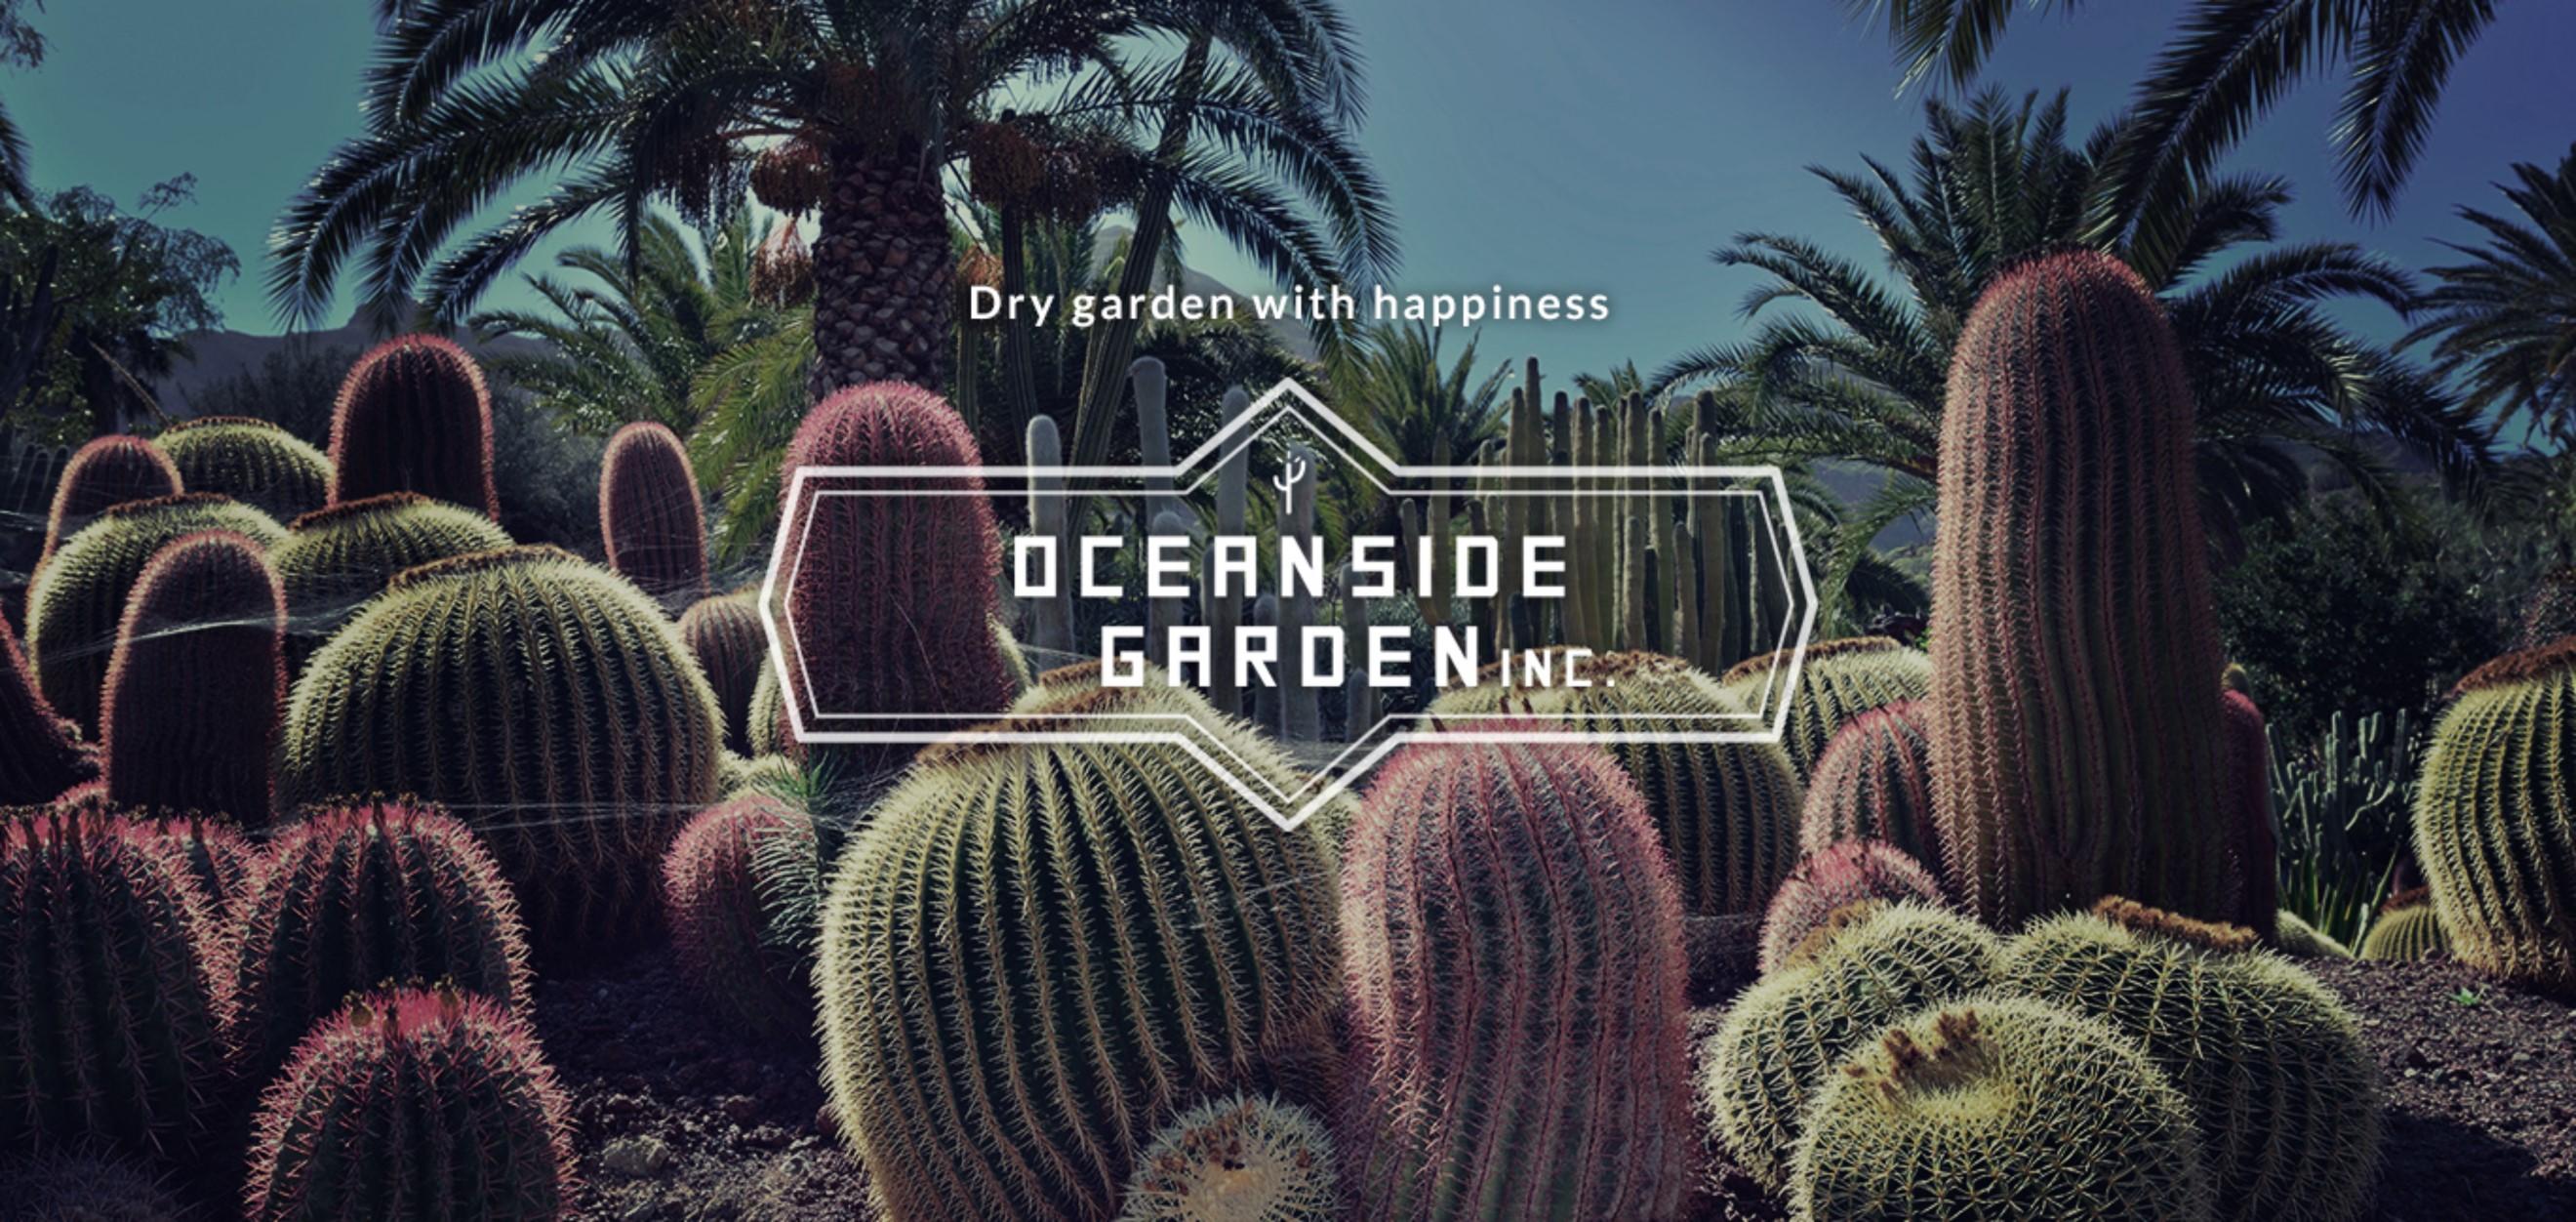 ドライガーデン・カリフォルニアスタイルの植木販売|サボテン・ユッカ・アガベ・ヤシの木等シンボルツリーはオーシャンサイドガーデンへ